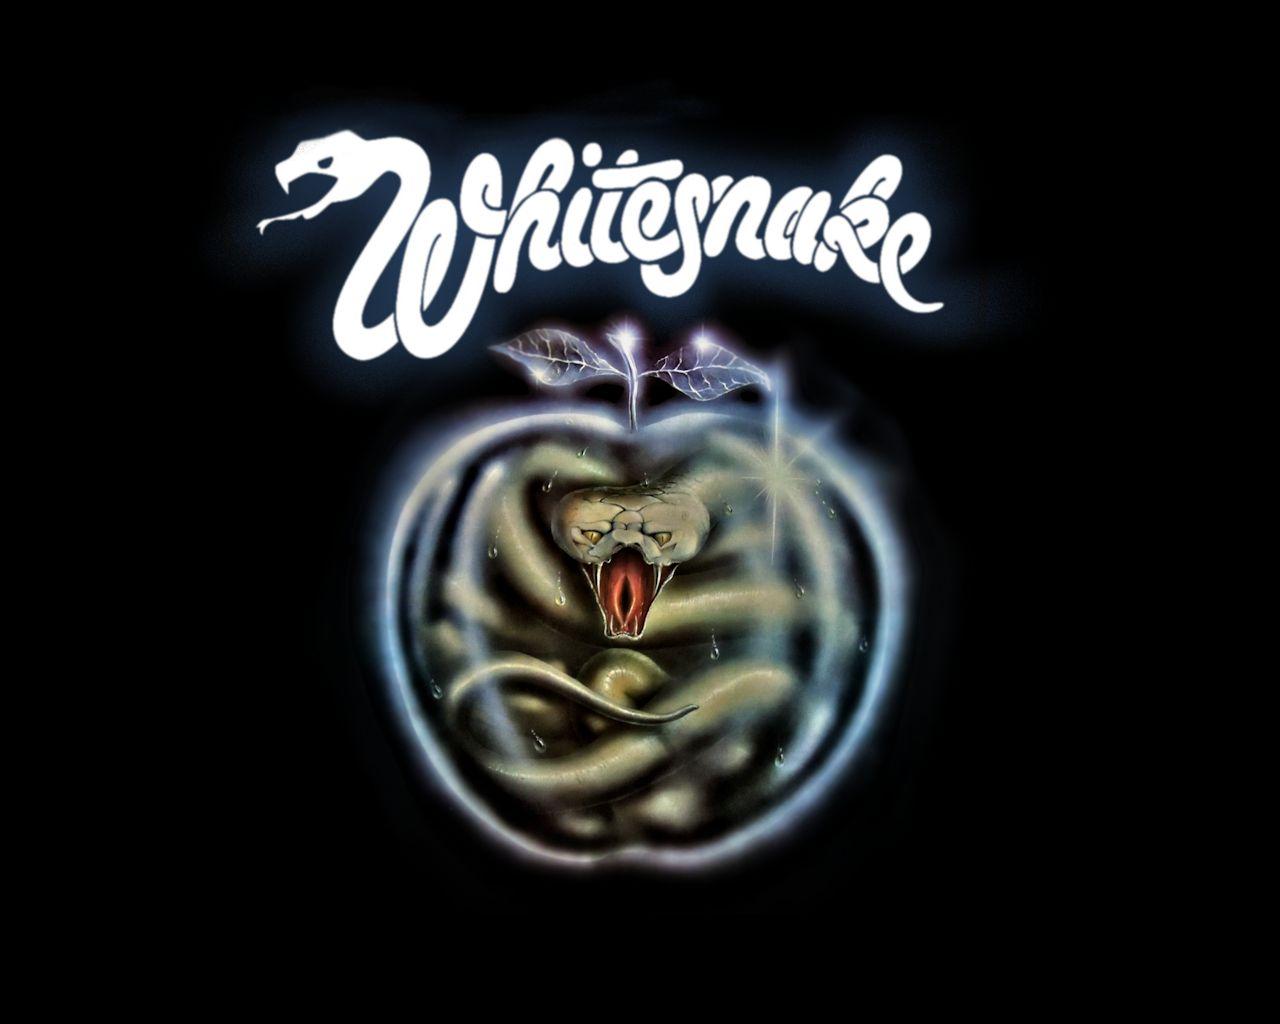 Whitesnake   BANDSWALLPAPERS wallpapers music wallpaper 1280x1024